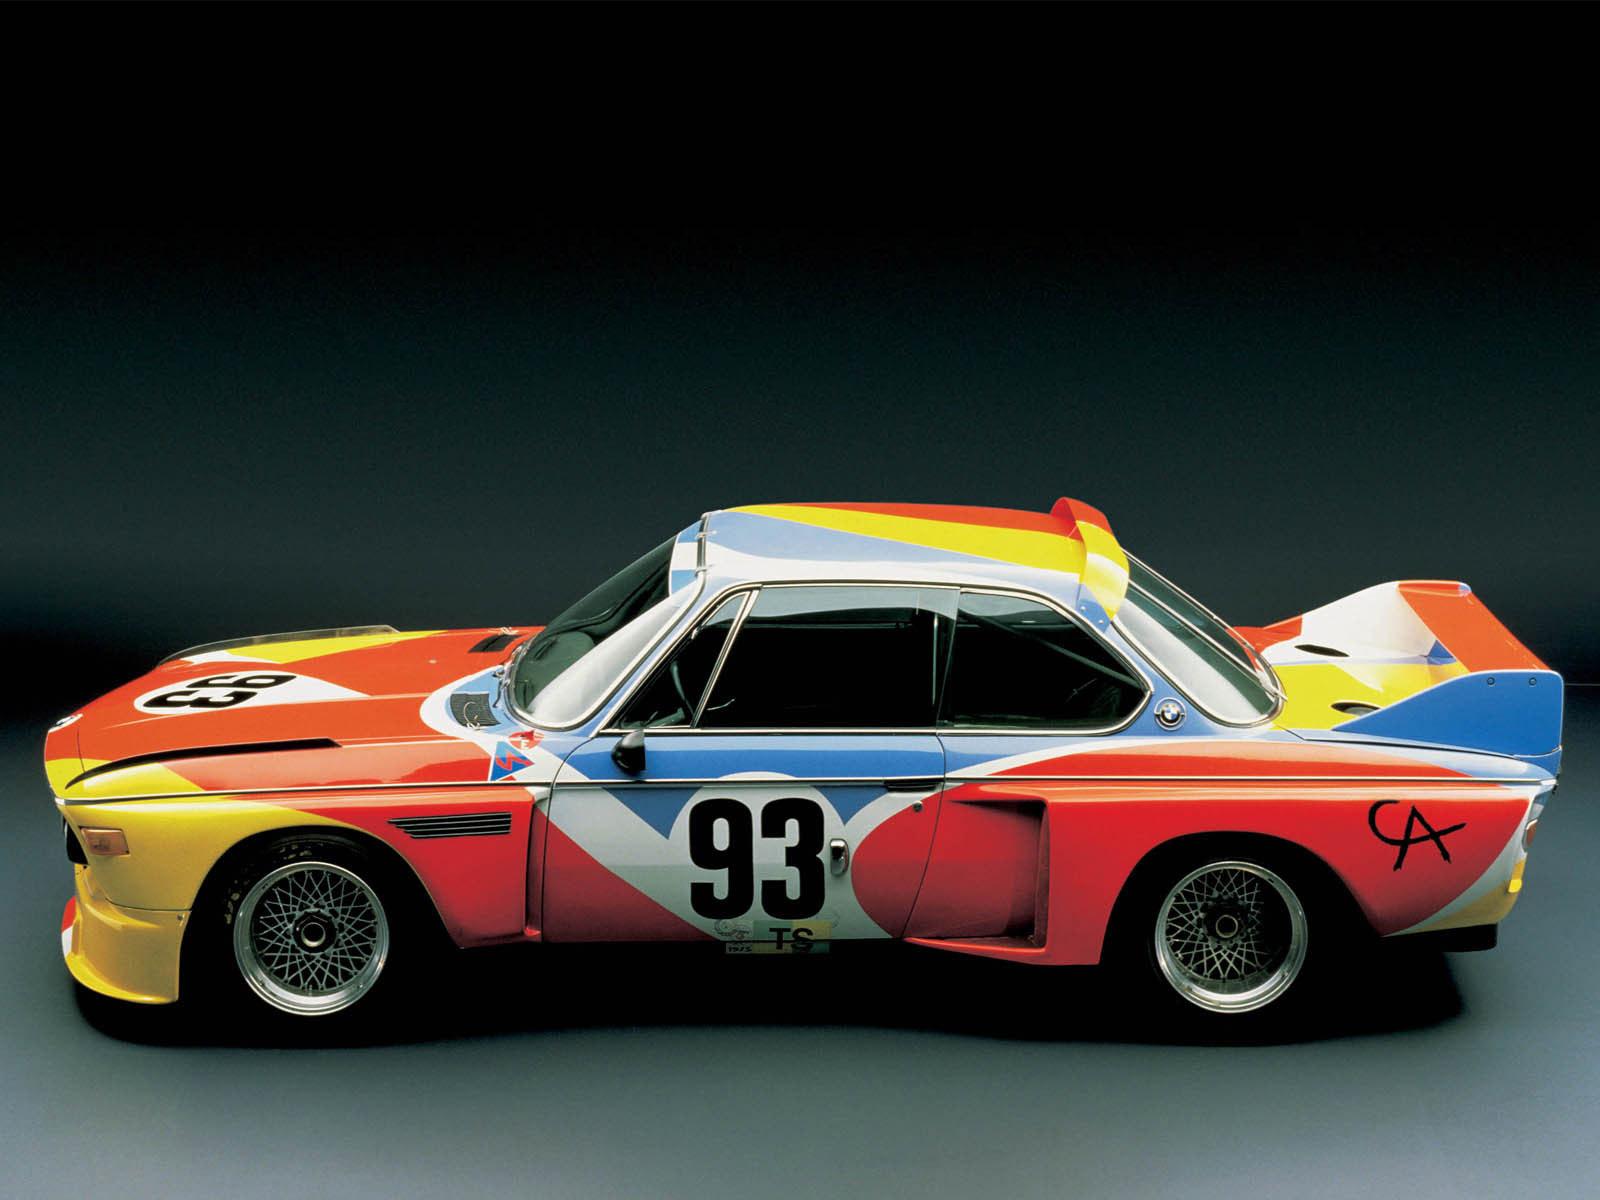 1975-ben kezdődött el az Art Car Projekt, ahol a híres művészek festővászonként használhatták az autókat. Az első ilyen autó egy 3.0 CSL volt, Alexander Calder festette.